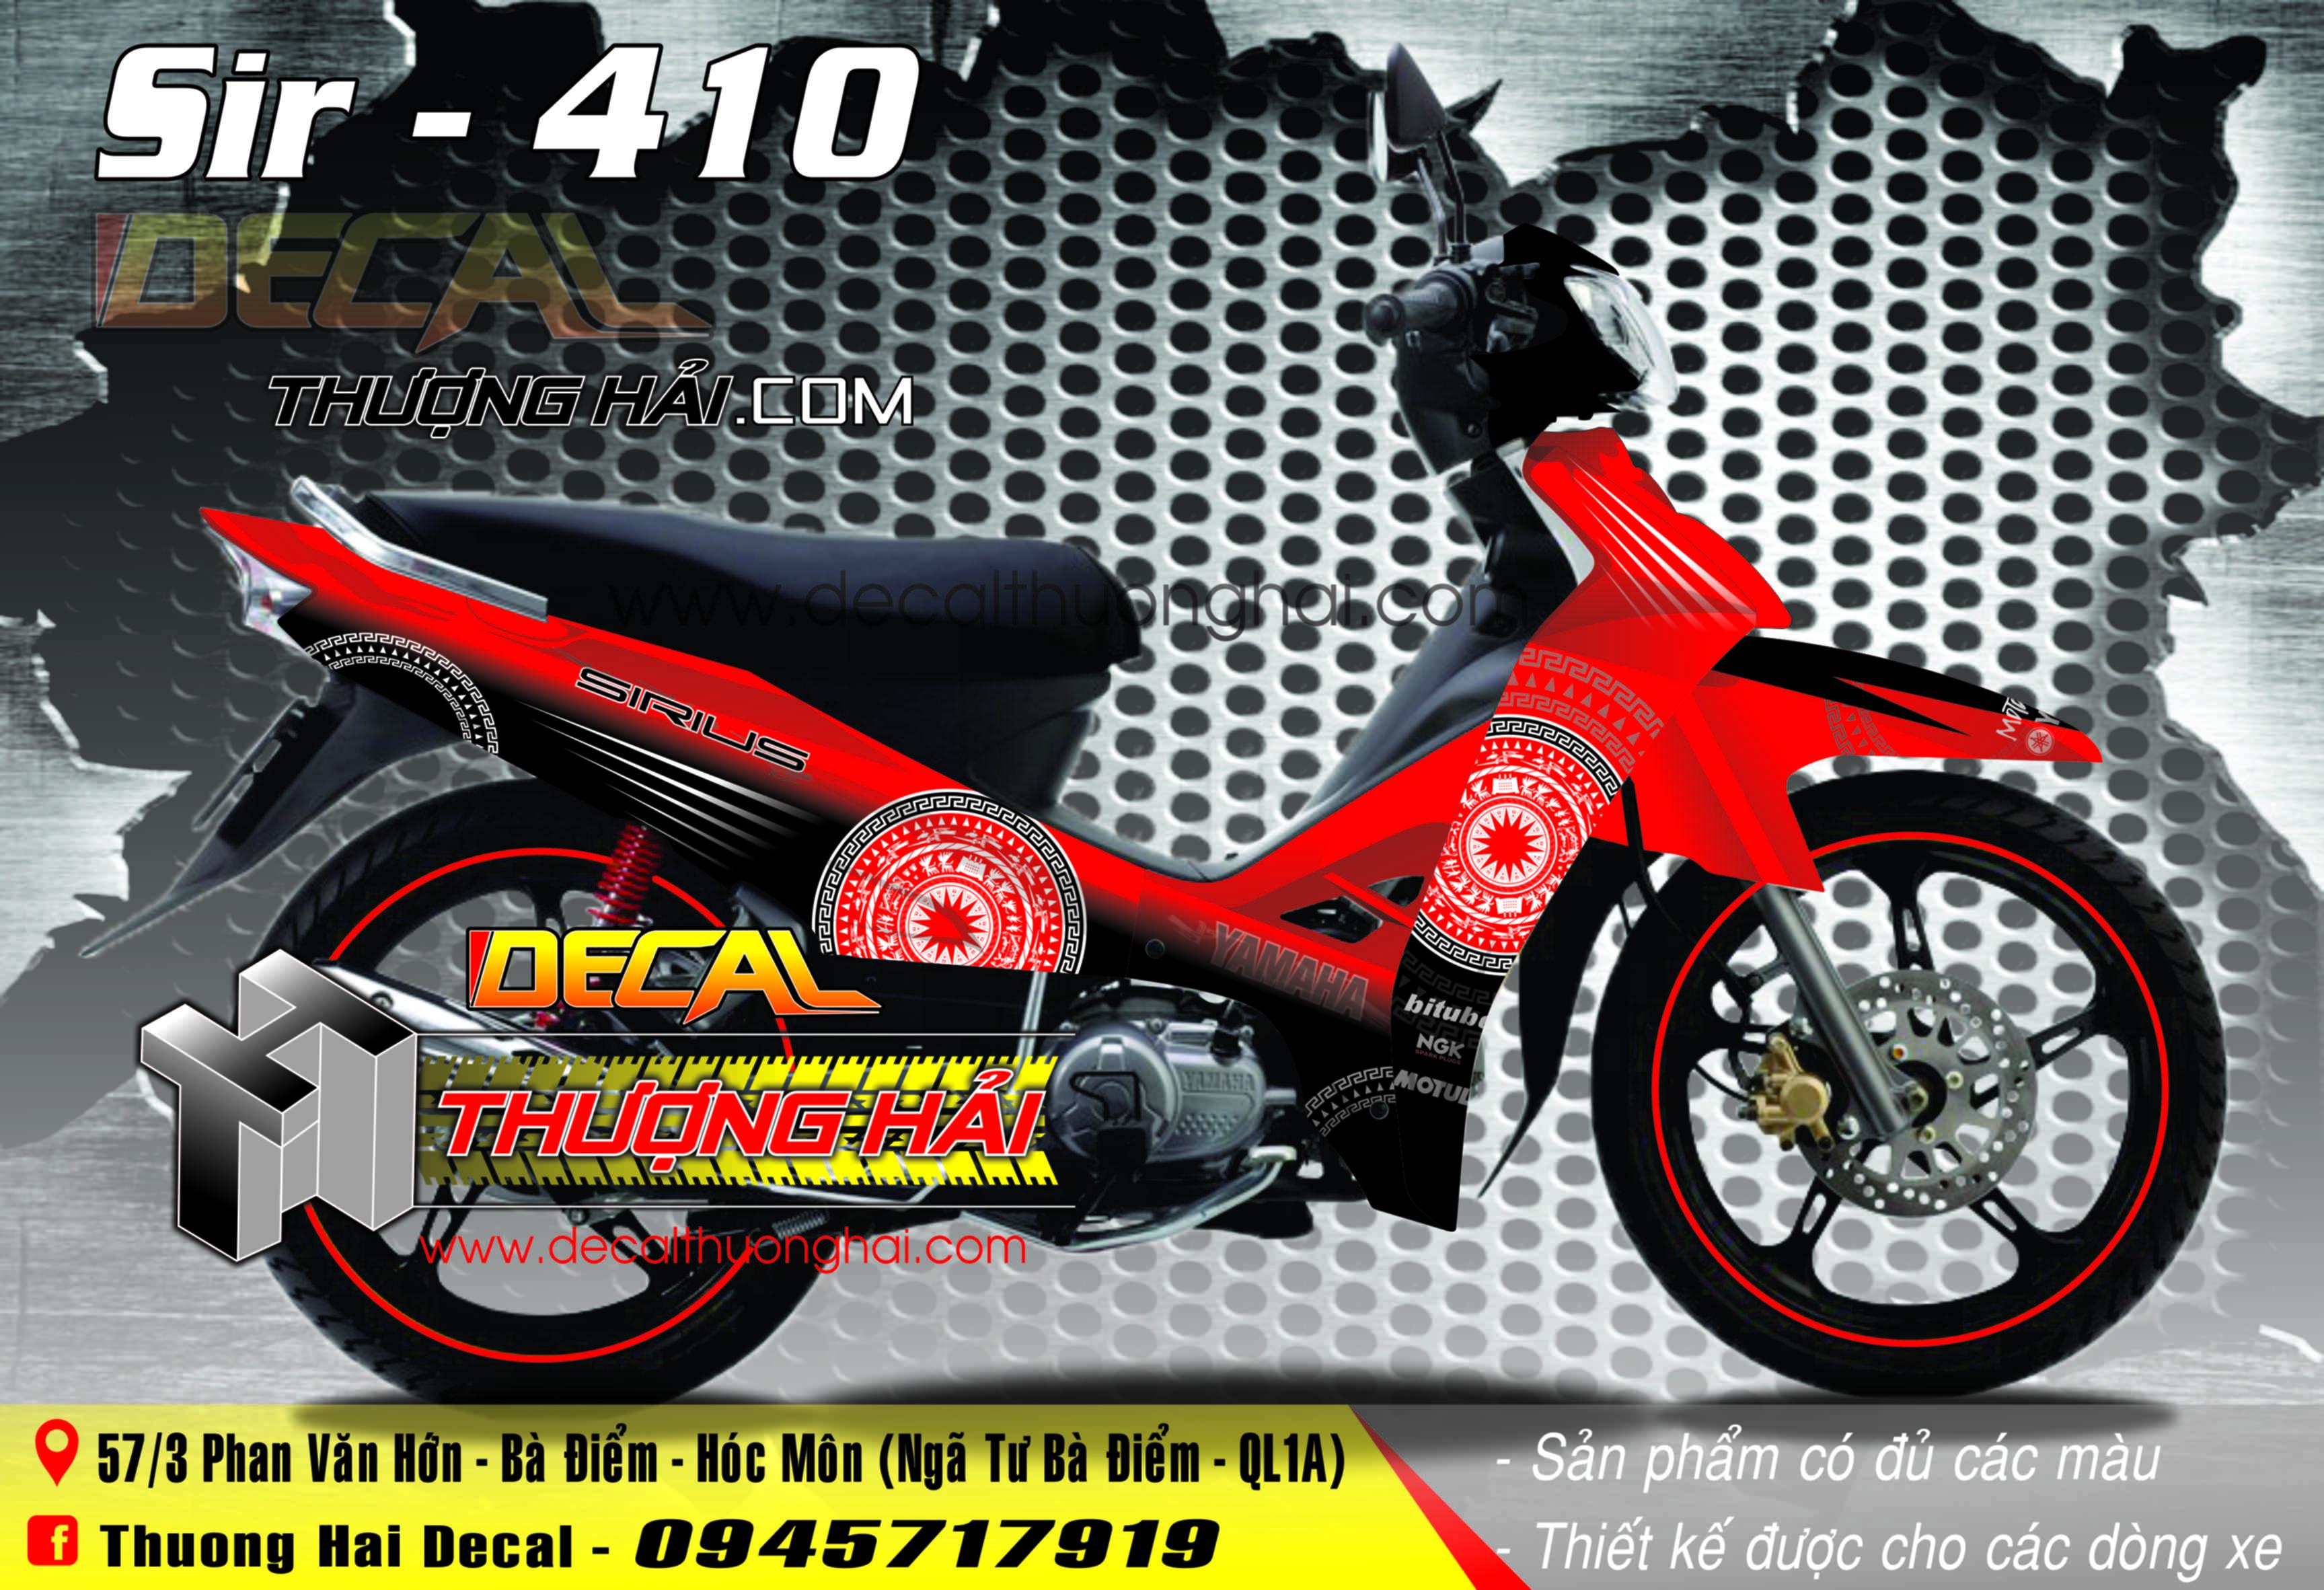 Tem Xe Yamaha Sirius Đỏ Đen - 410